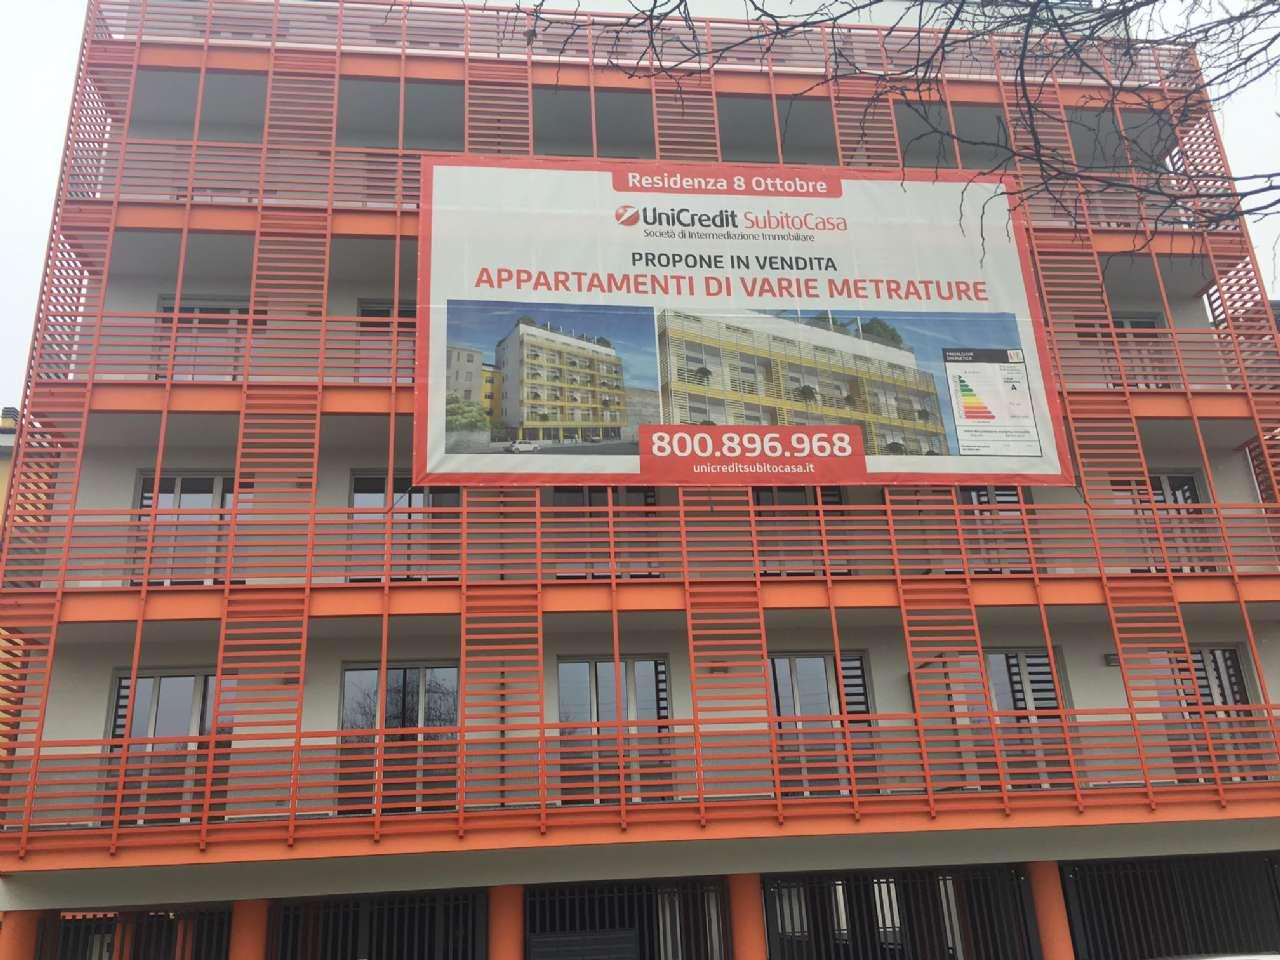 Bilocale Milano Via 8 Ottobre 9